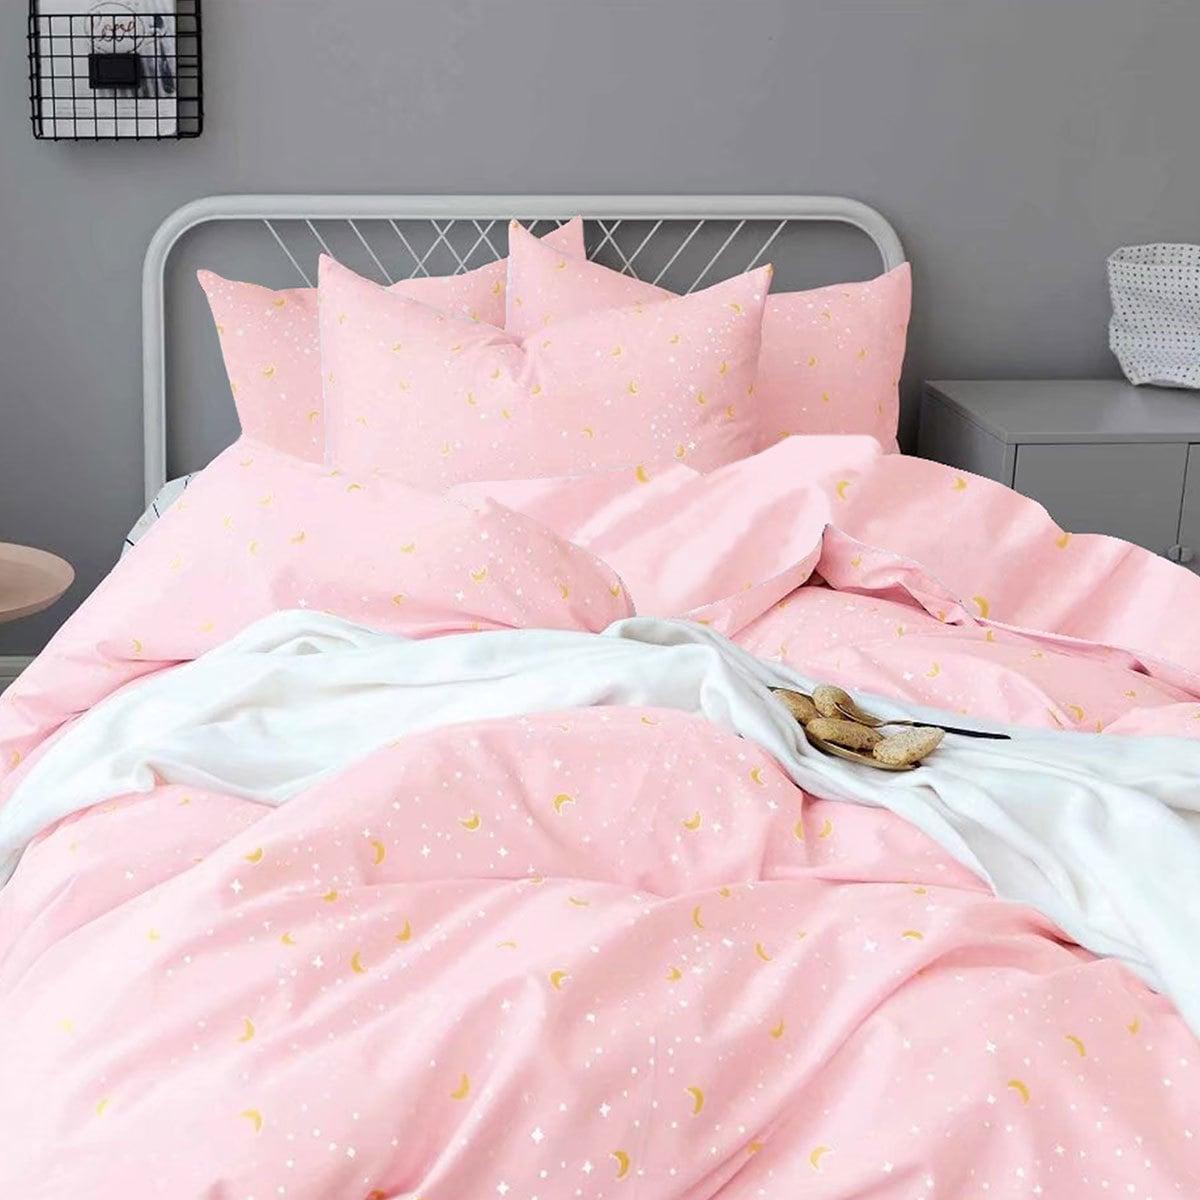 Bettwarenshop Mako Satin Bettwäsche Mond Günstig Online Kaufen Bei